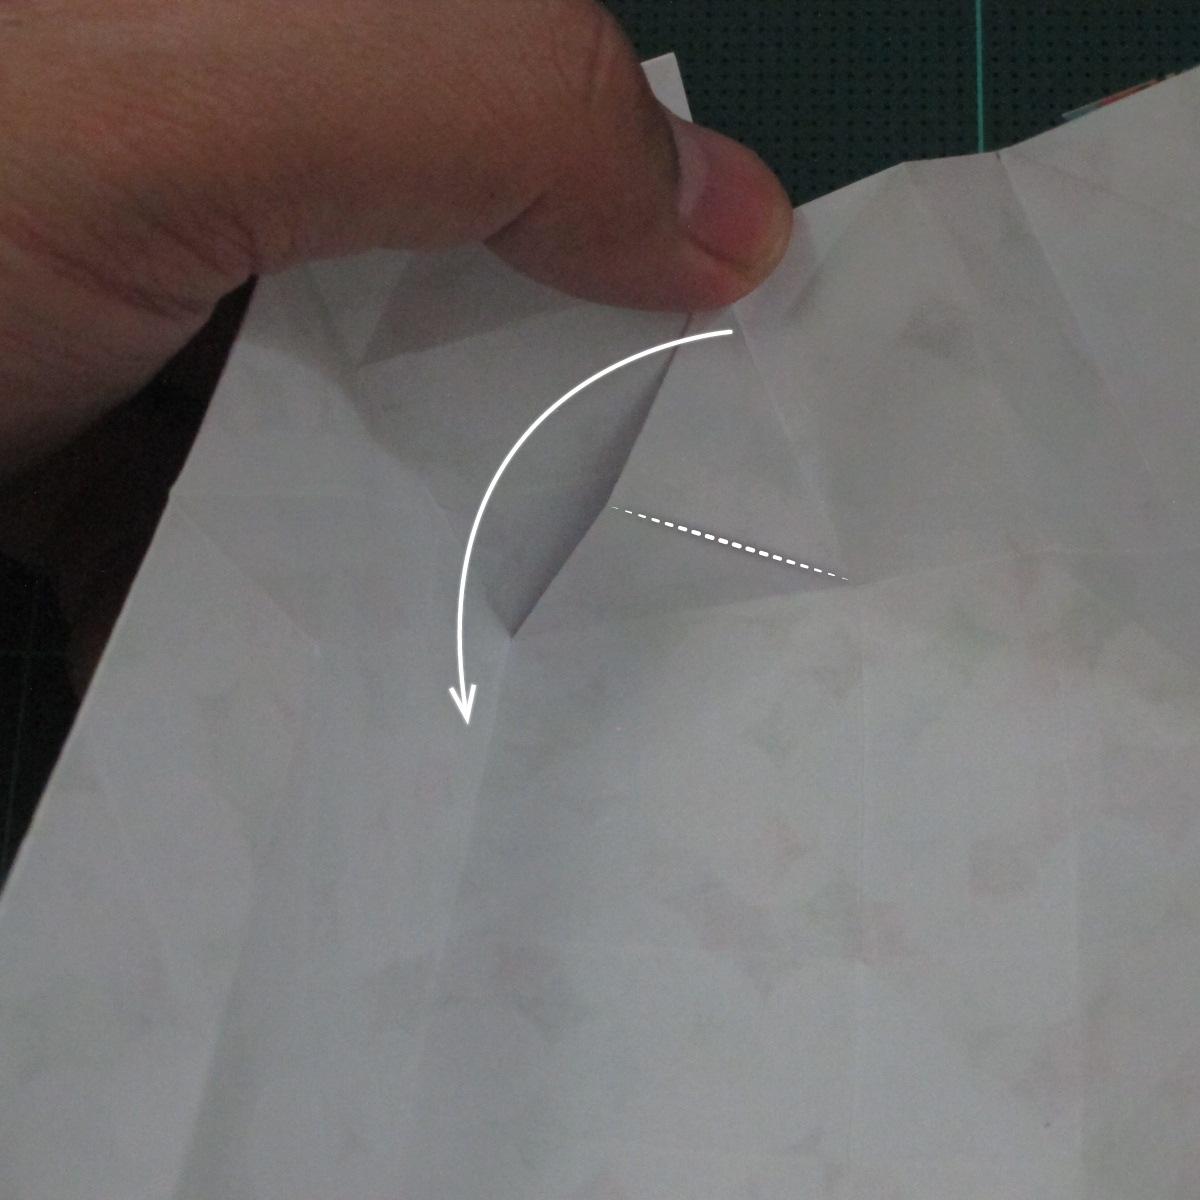 วิธีพับกล่องของขวัญแบบมีฝาปิด (Origami Present Box With Lid) 021